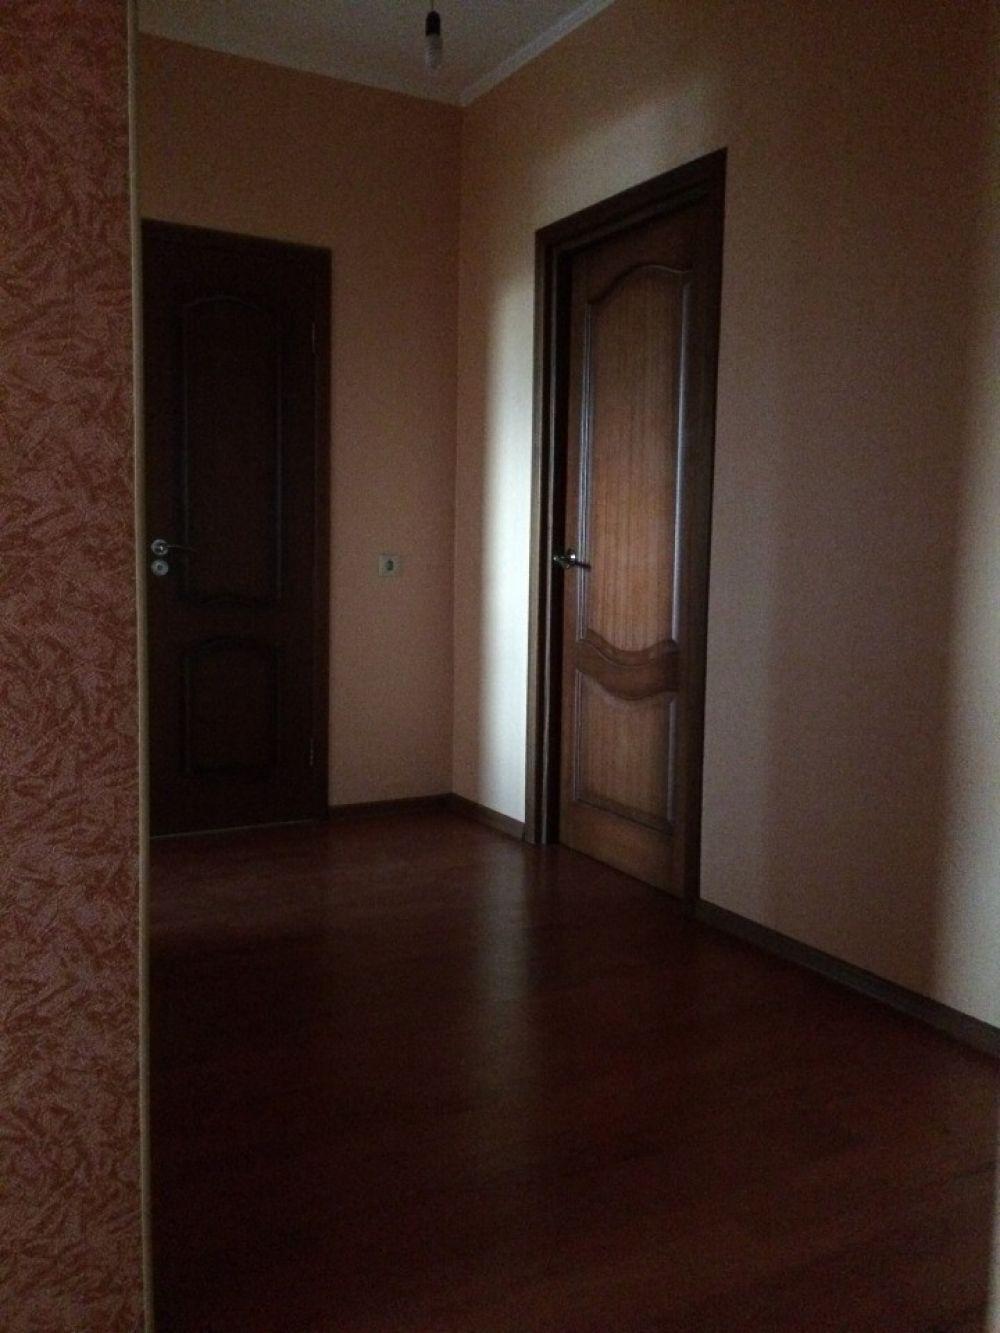 2-к квартира, Ивантеевка, ул Трудовая, 7, фото 10